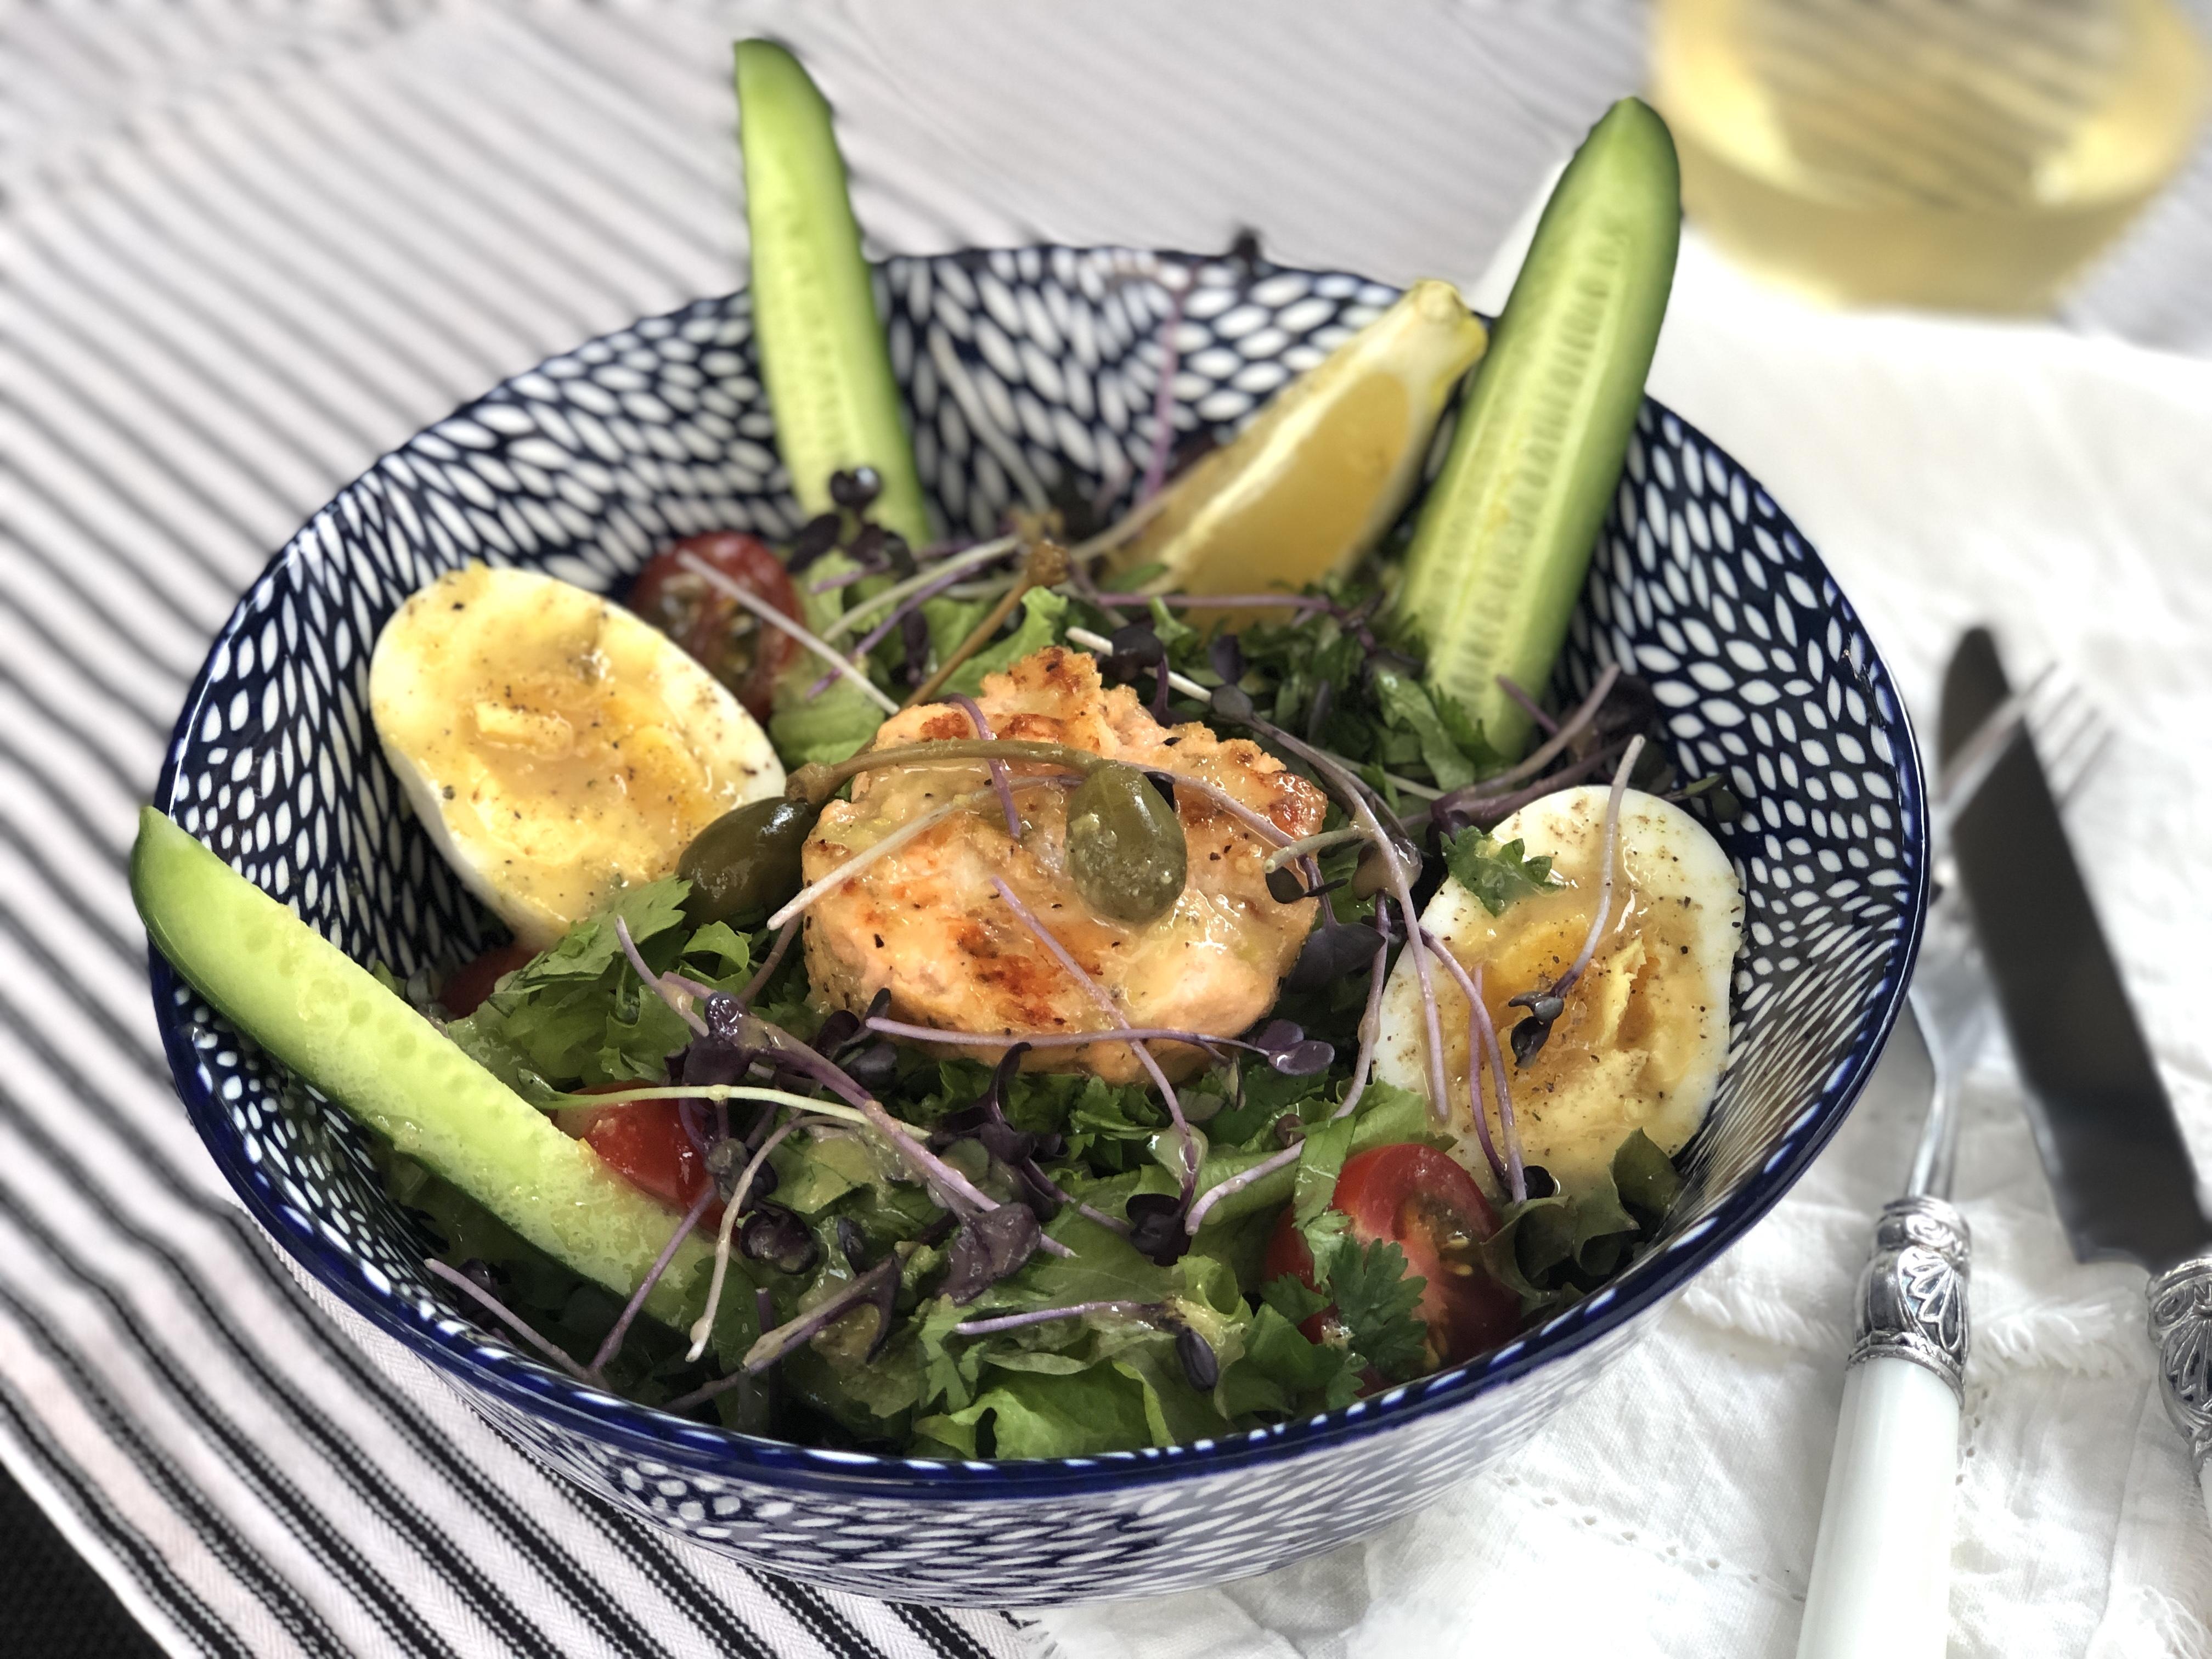 Salade repas aux palets de saumon, vinaigrette citron-dijon